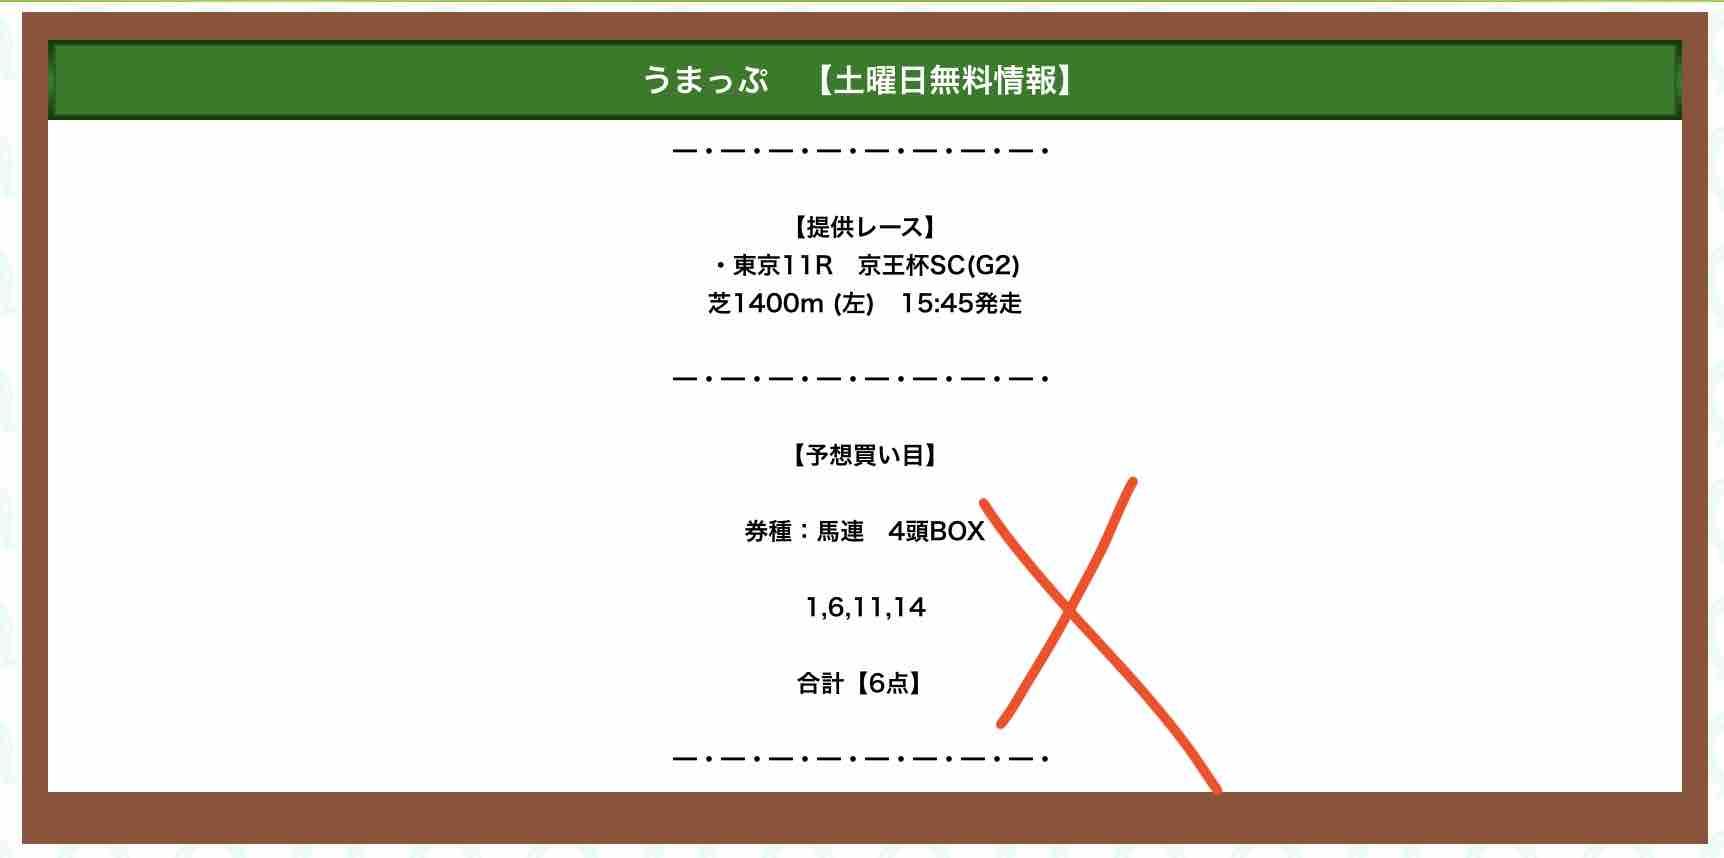 うまっぷという競馬予想サイトの無料予想(無料情報)の抜き打ち検証